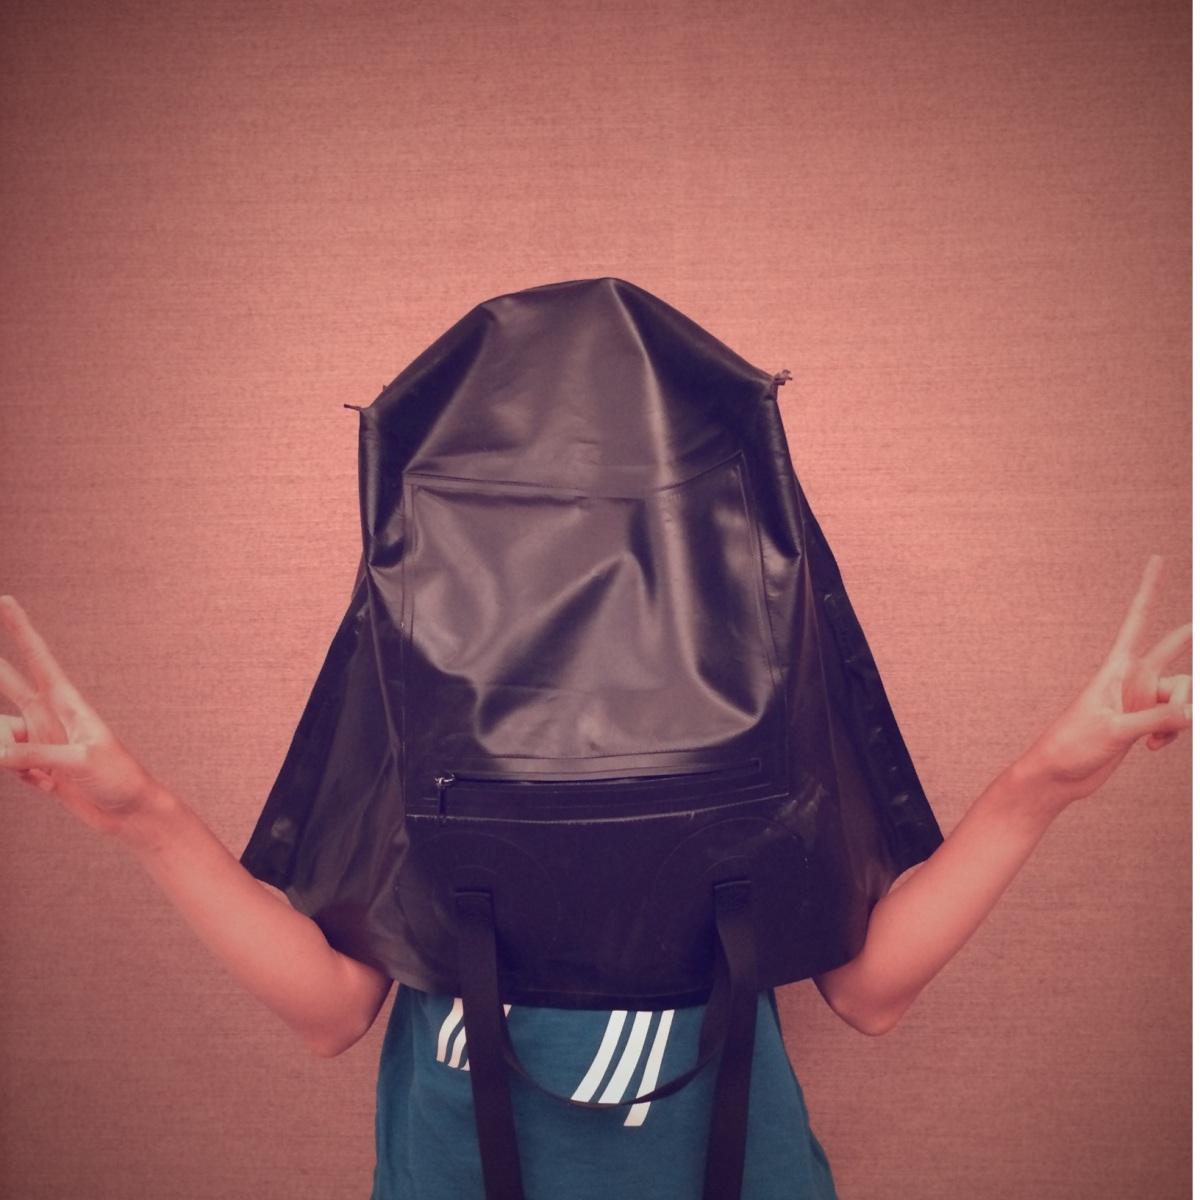 Gear Review: Baggu Wetsuit Bag